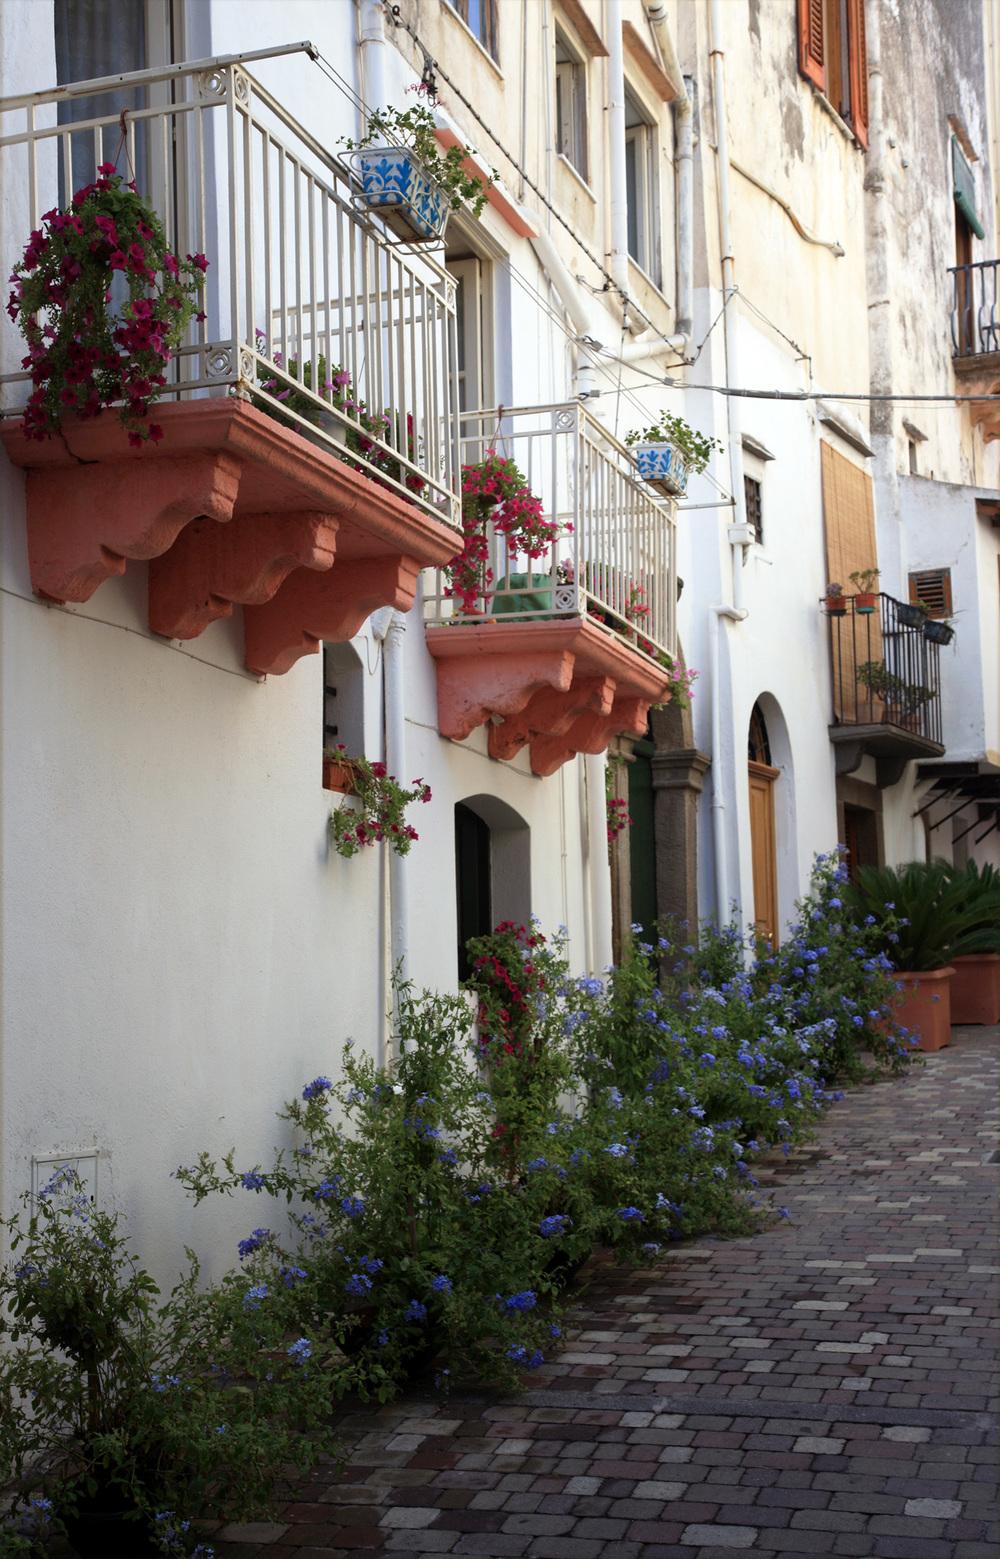 A Street in Lipari